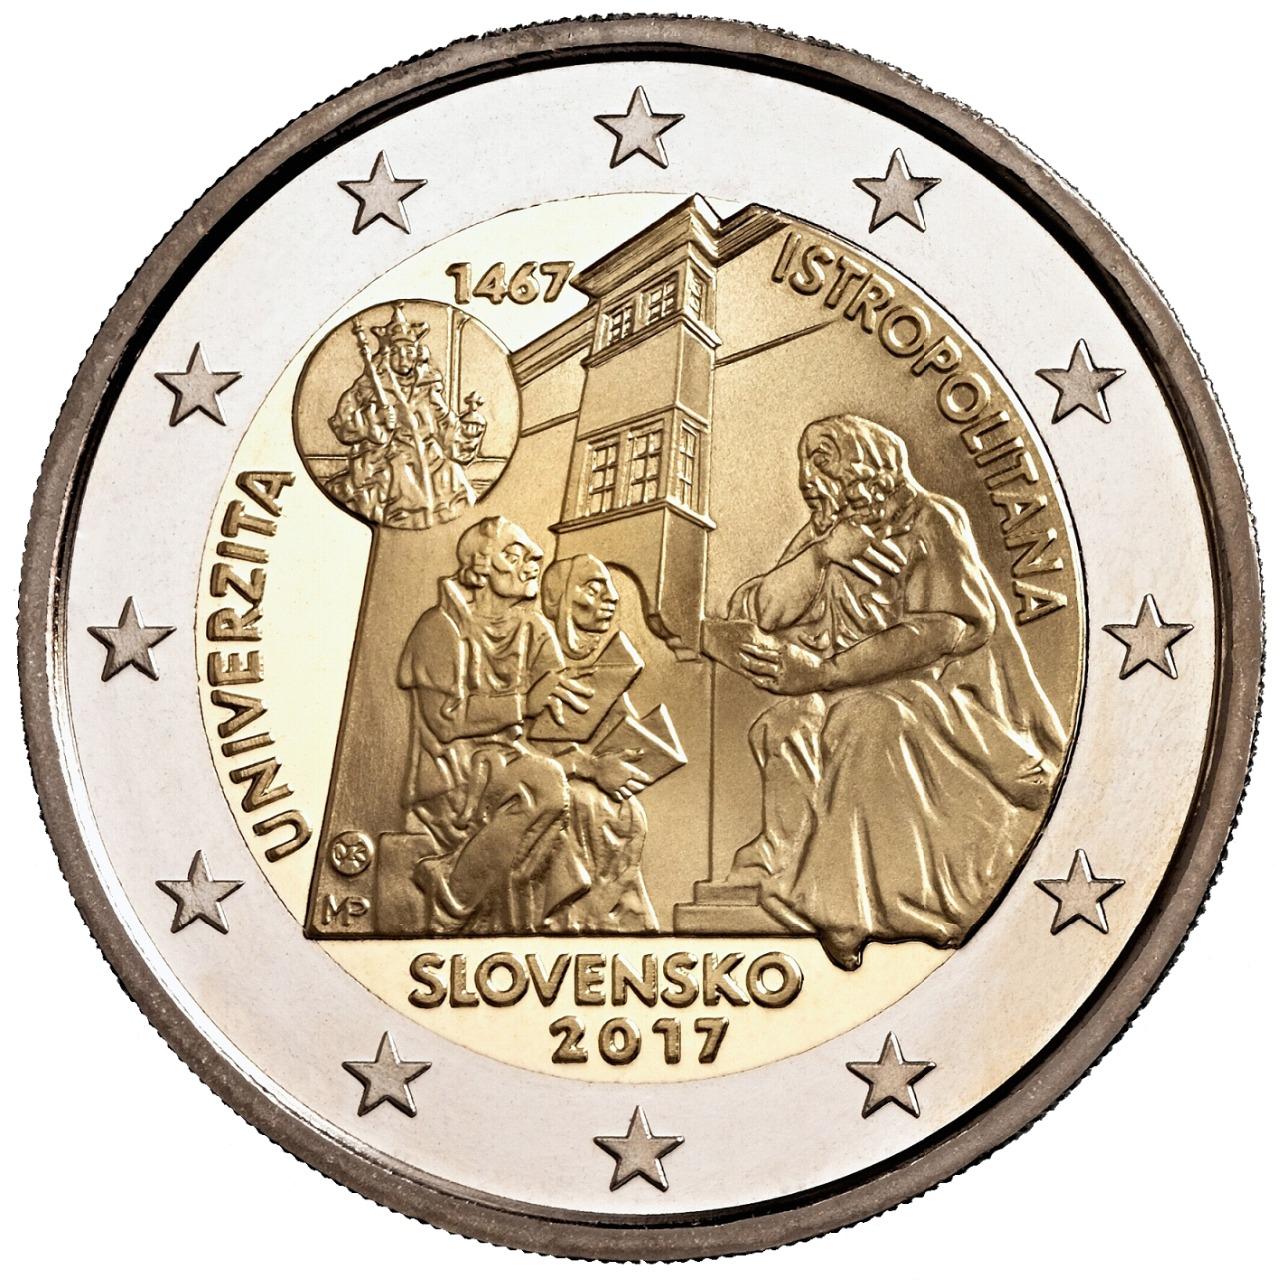 2 Ευρώ, Σλοβακία, 550η επέτειος της ίδρυσης της Academia Istropolitana, 2017 2 ευρώ  αναμνηστικά 2